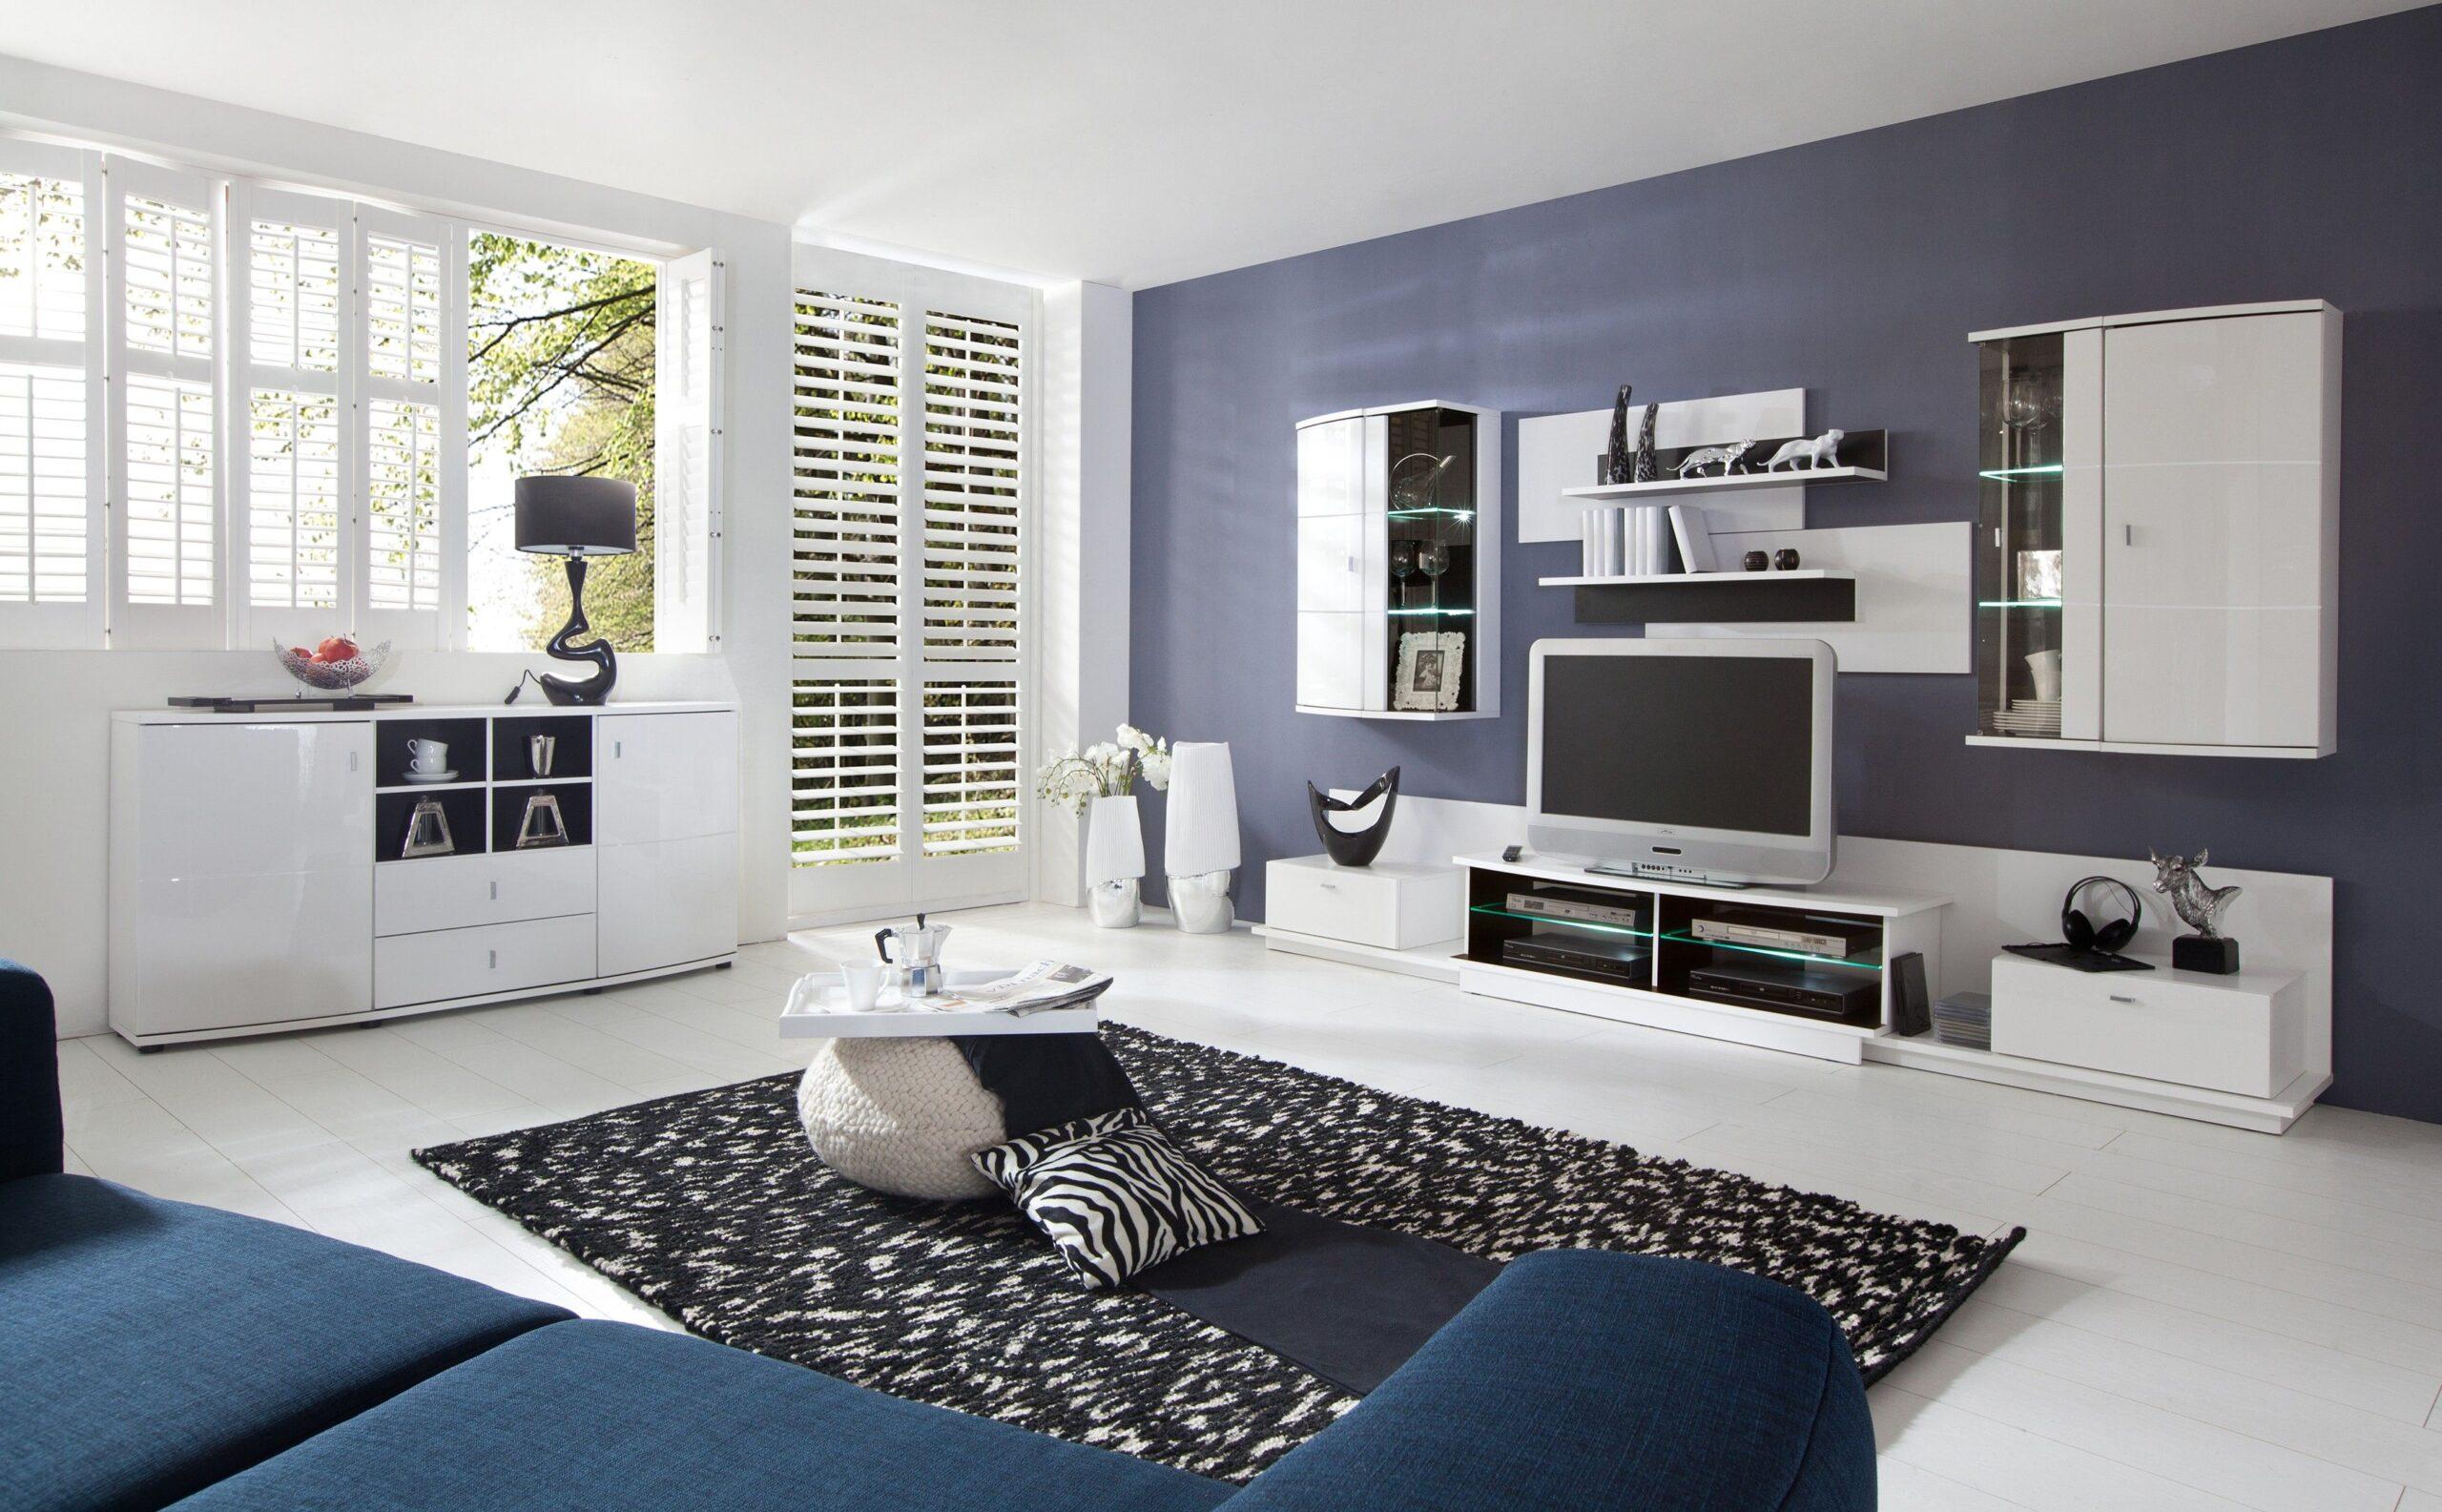 Full Size of Schöne Wohnzimmer Sehr Schne Modern Living Room Colors Mein Schöner Garten Abo Dekoration Sofa Kleines Komplett Stehleuchte Deckenlampen Deckenleuchte Wohnzimmer Schöne Wohnzimmer